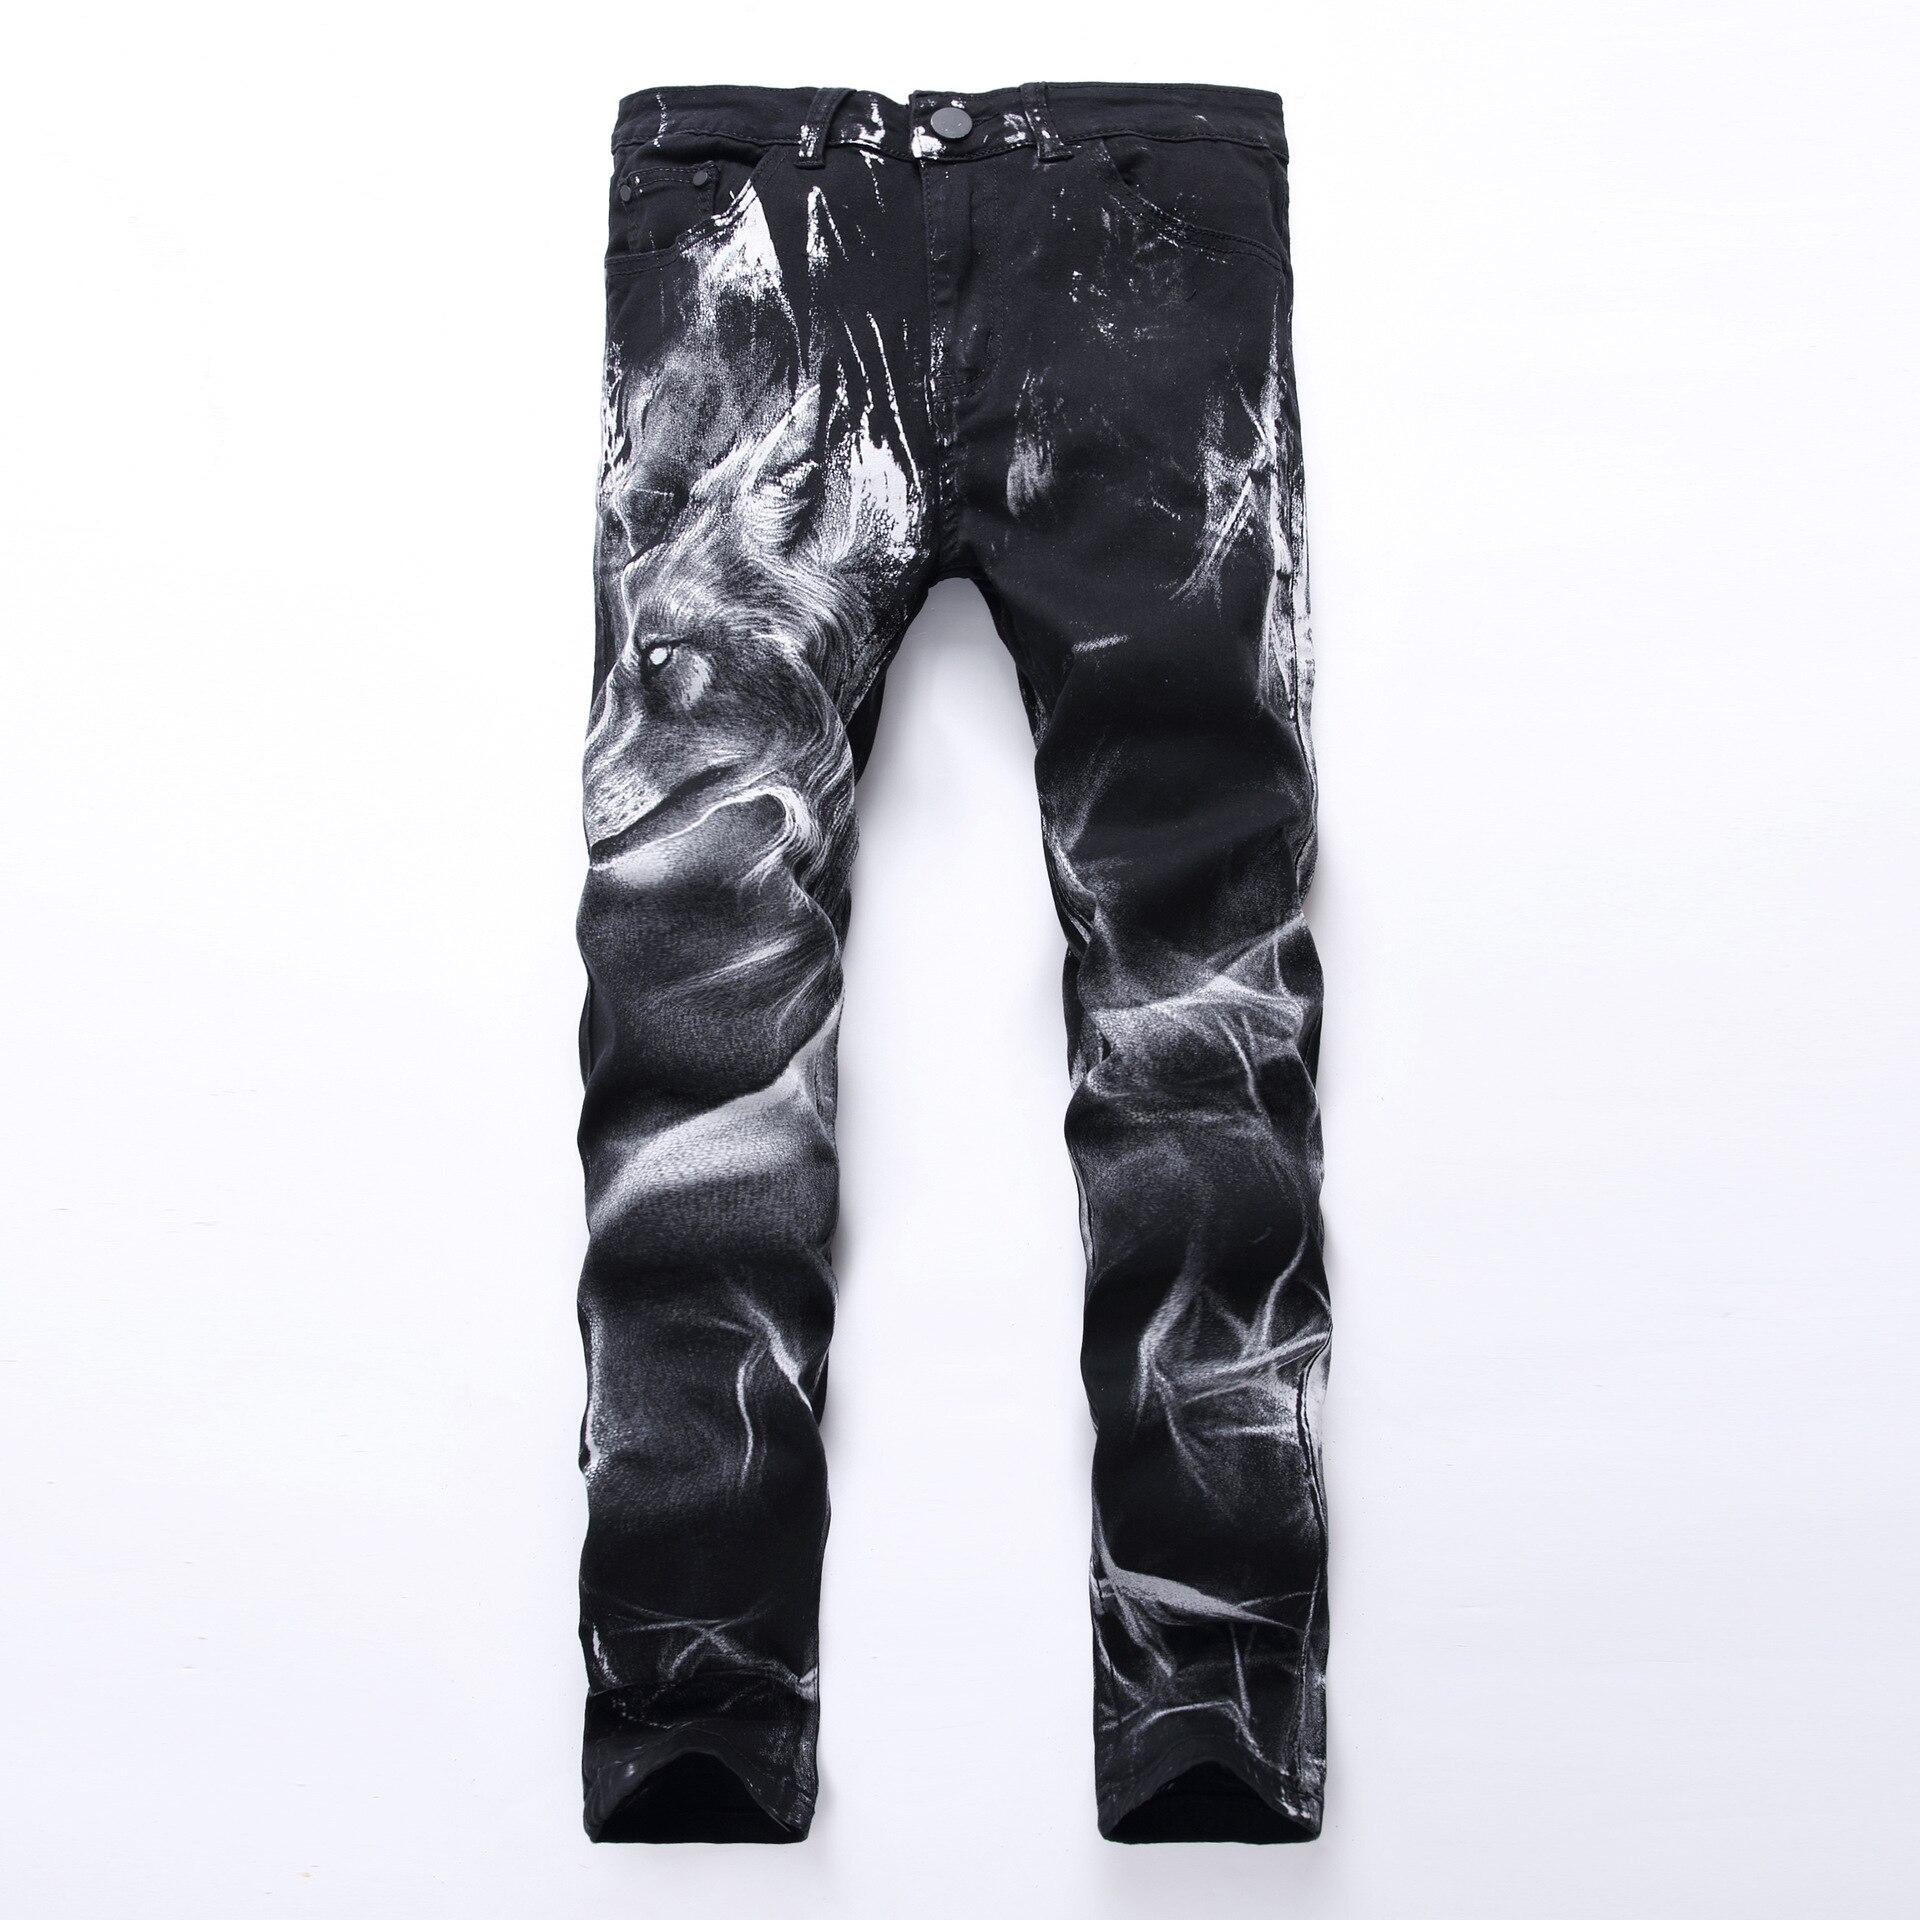 Nouveau mode hommes loup imprimé Jeans Style Punk noir haute élastique coton jambe droite Jeans Cool pour les jeunes hommes grande taille